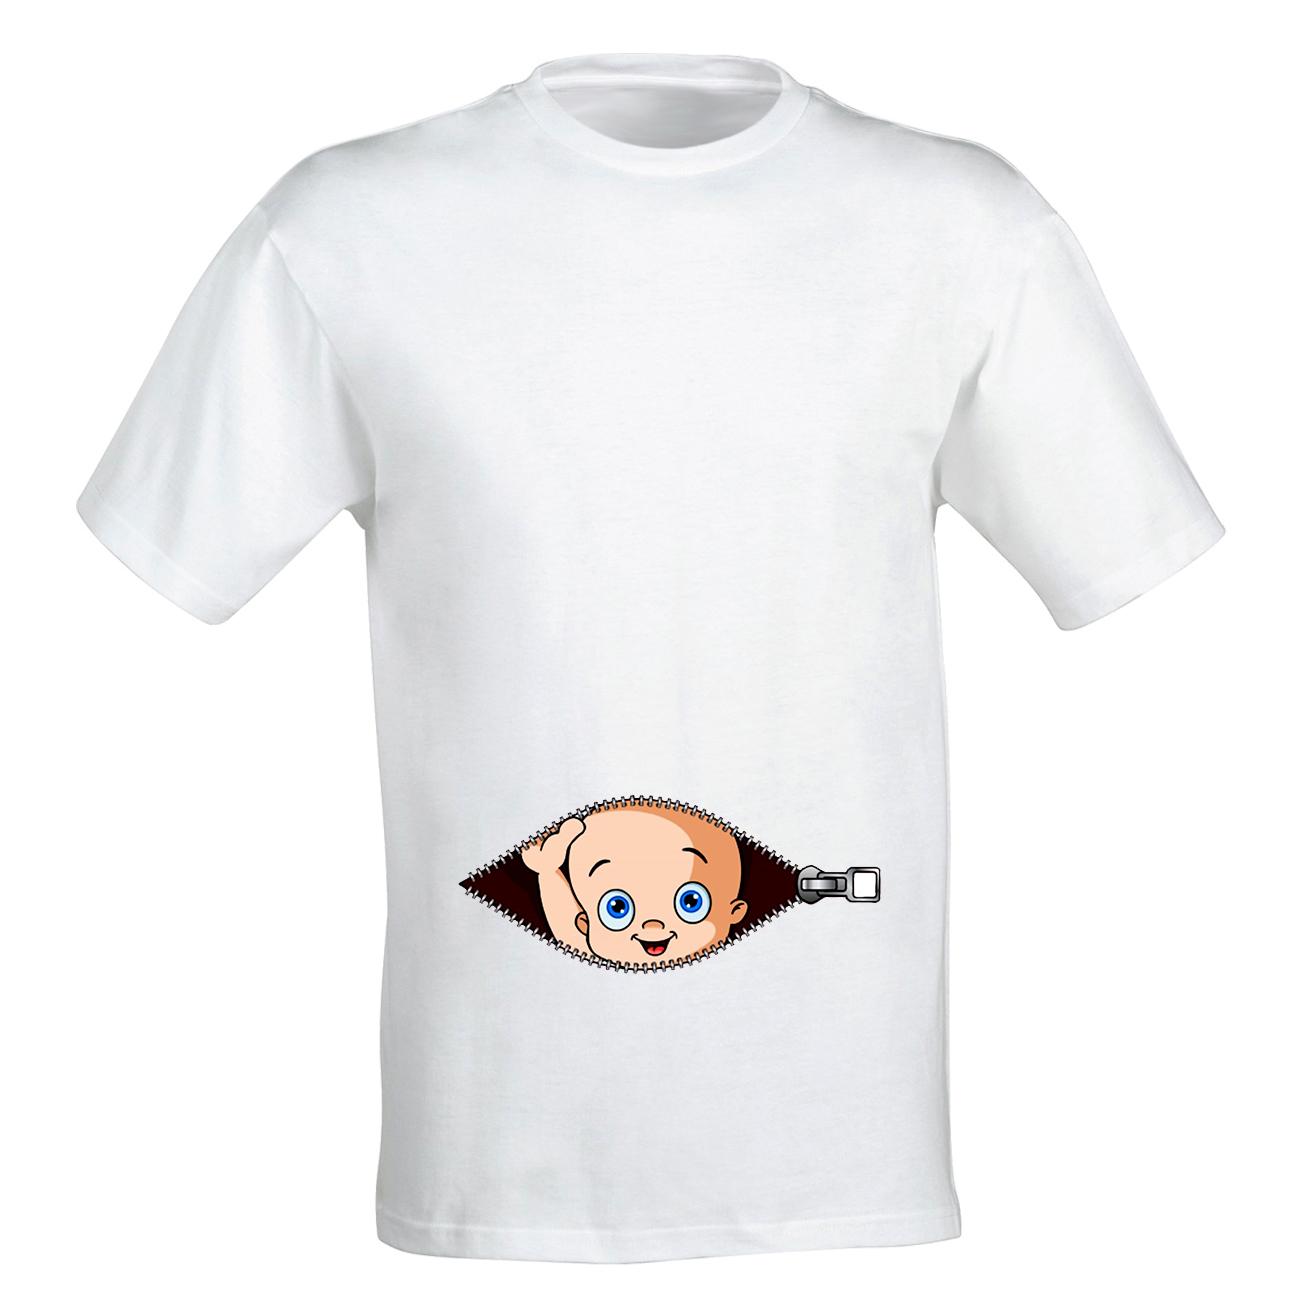 تیشرت بارداری طرح boy کد b13